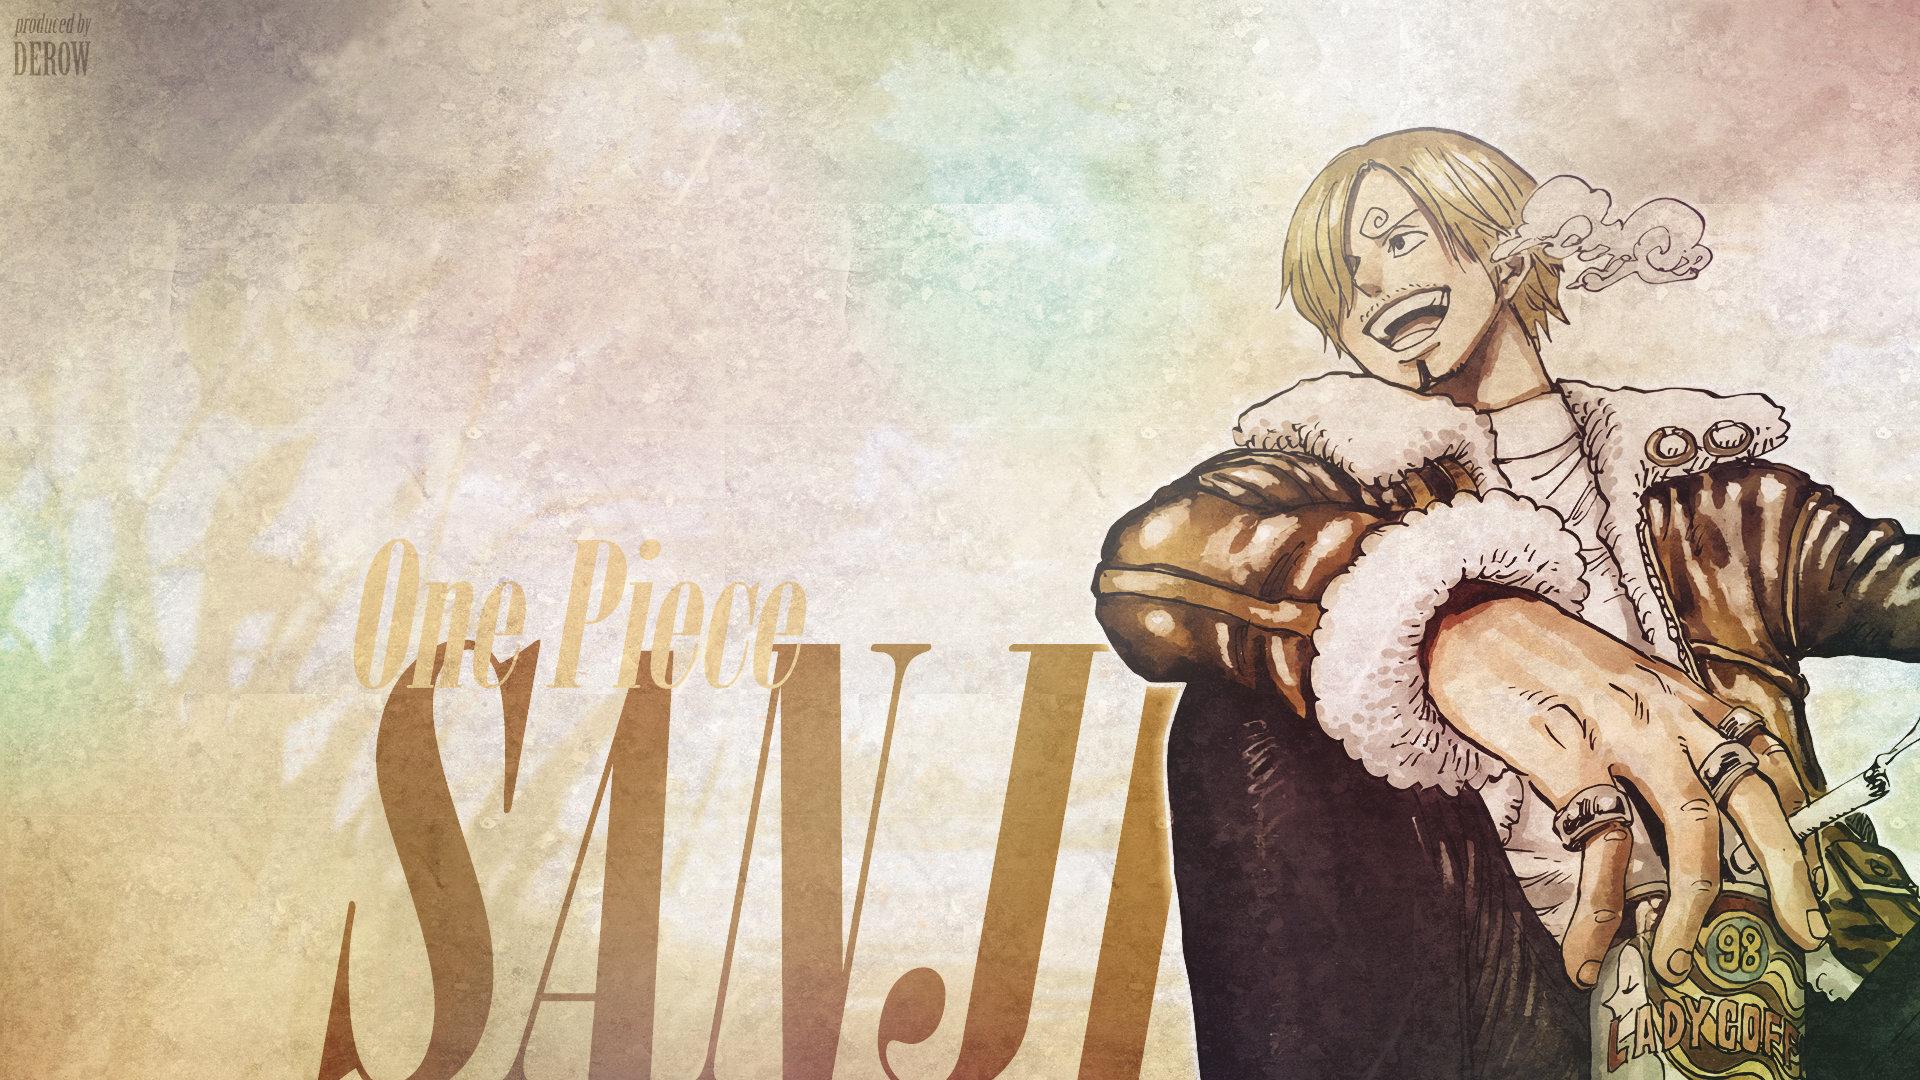 Best Sanji Wallpaper Id One Piece Sanji Hd 1920x1080 Wallpaper Teahub Io